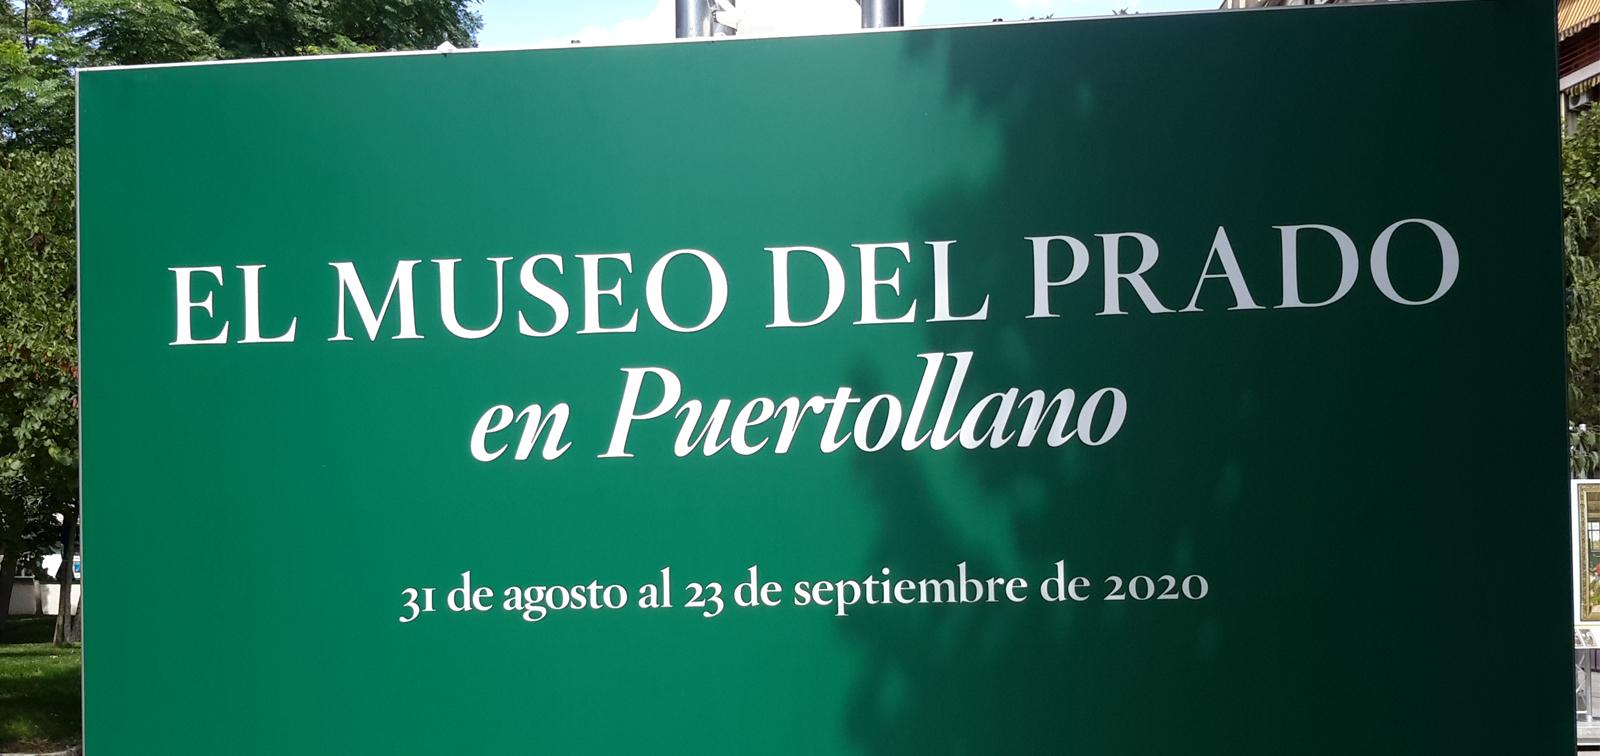 Exposición didáctica: El Museo del Prado en Puertollano